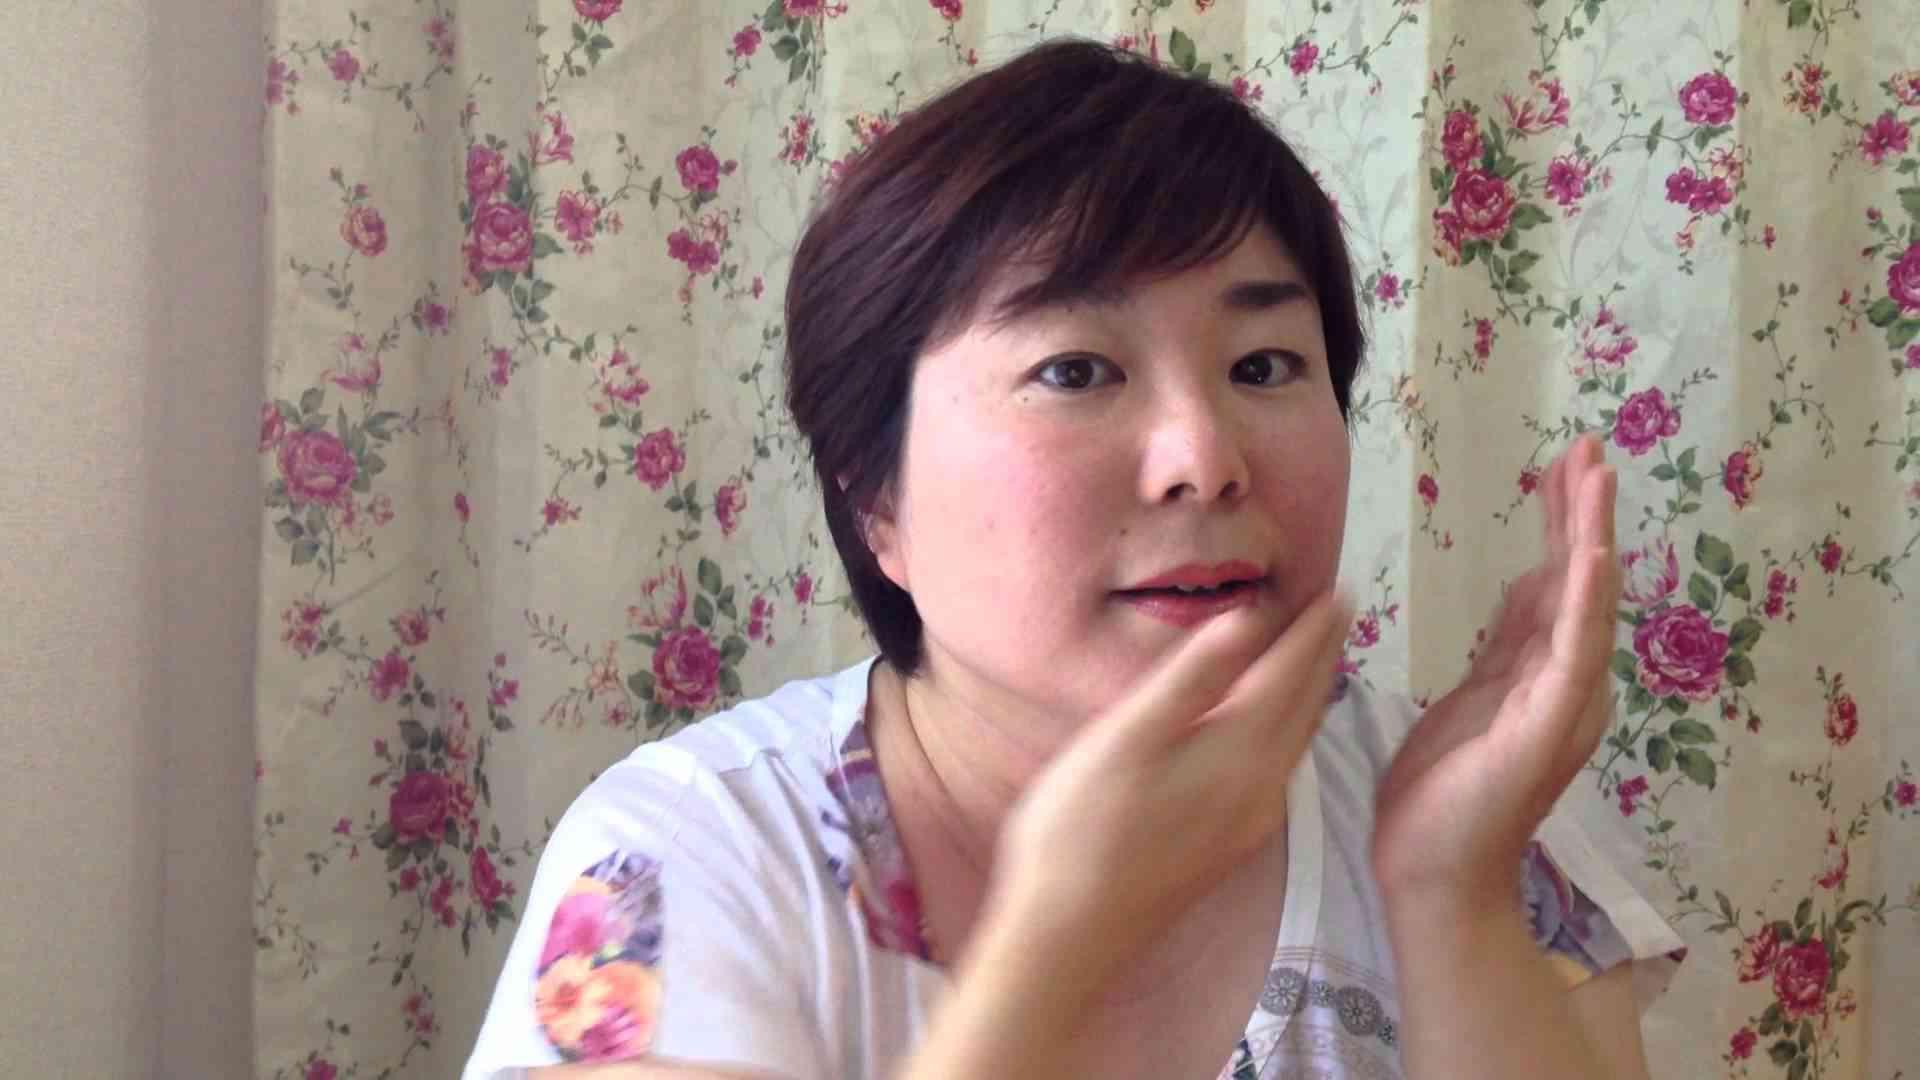 化粧水の正しい付け方 手でつける場合 - YouTube